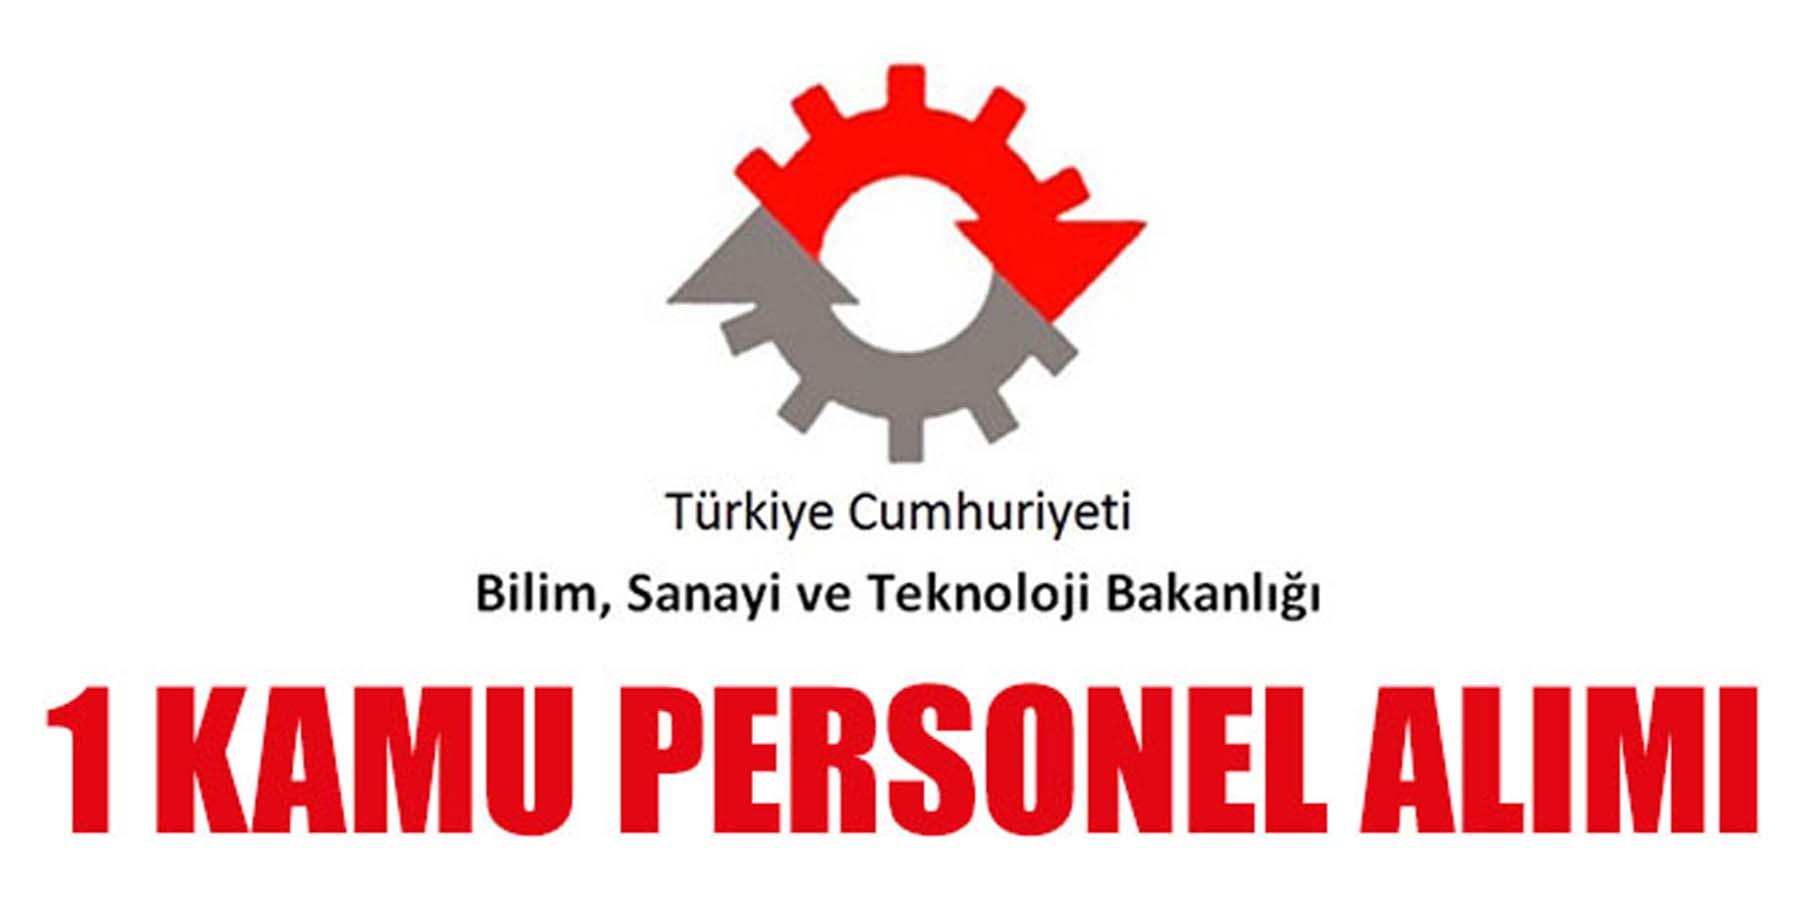 Bilim Sanayi Ve Teknoloji Bakanlığı Sistem Uzmanı Alımı